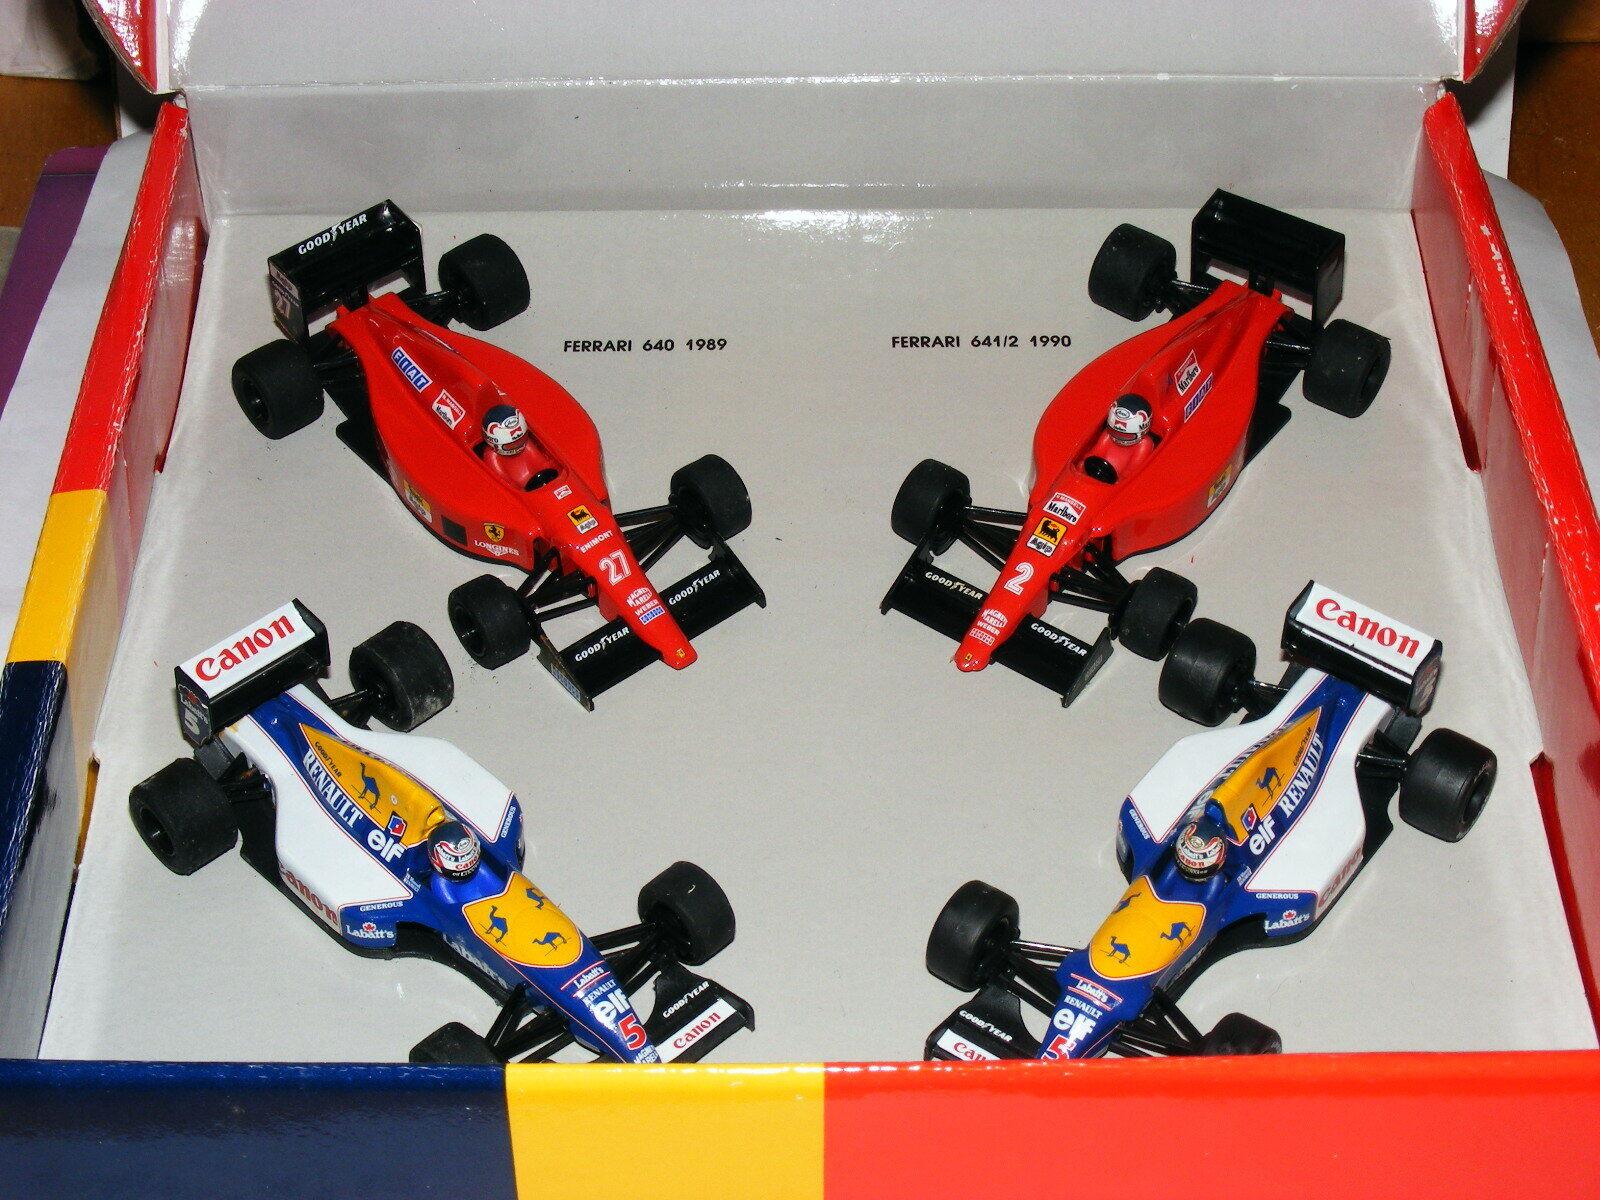 Onyx LE-2 Nigel Mansell World Champion 1992 4 Car Set Ferrari Williams 1 43